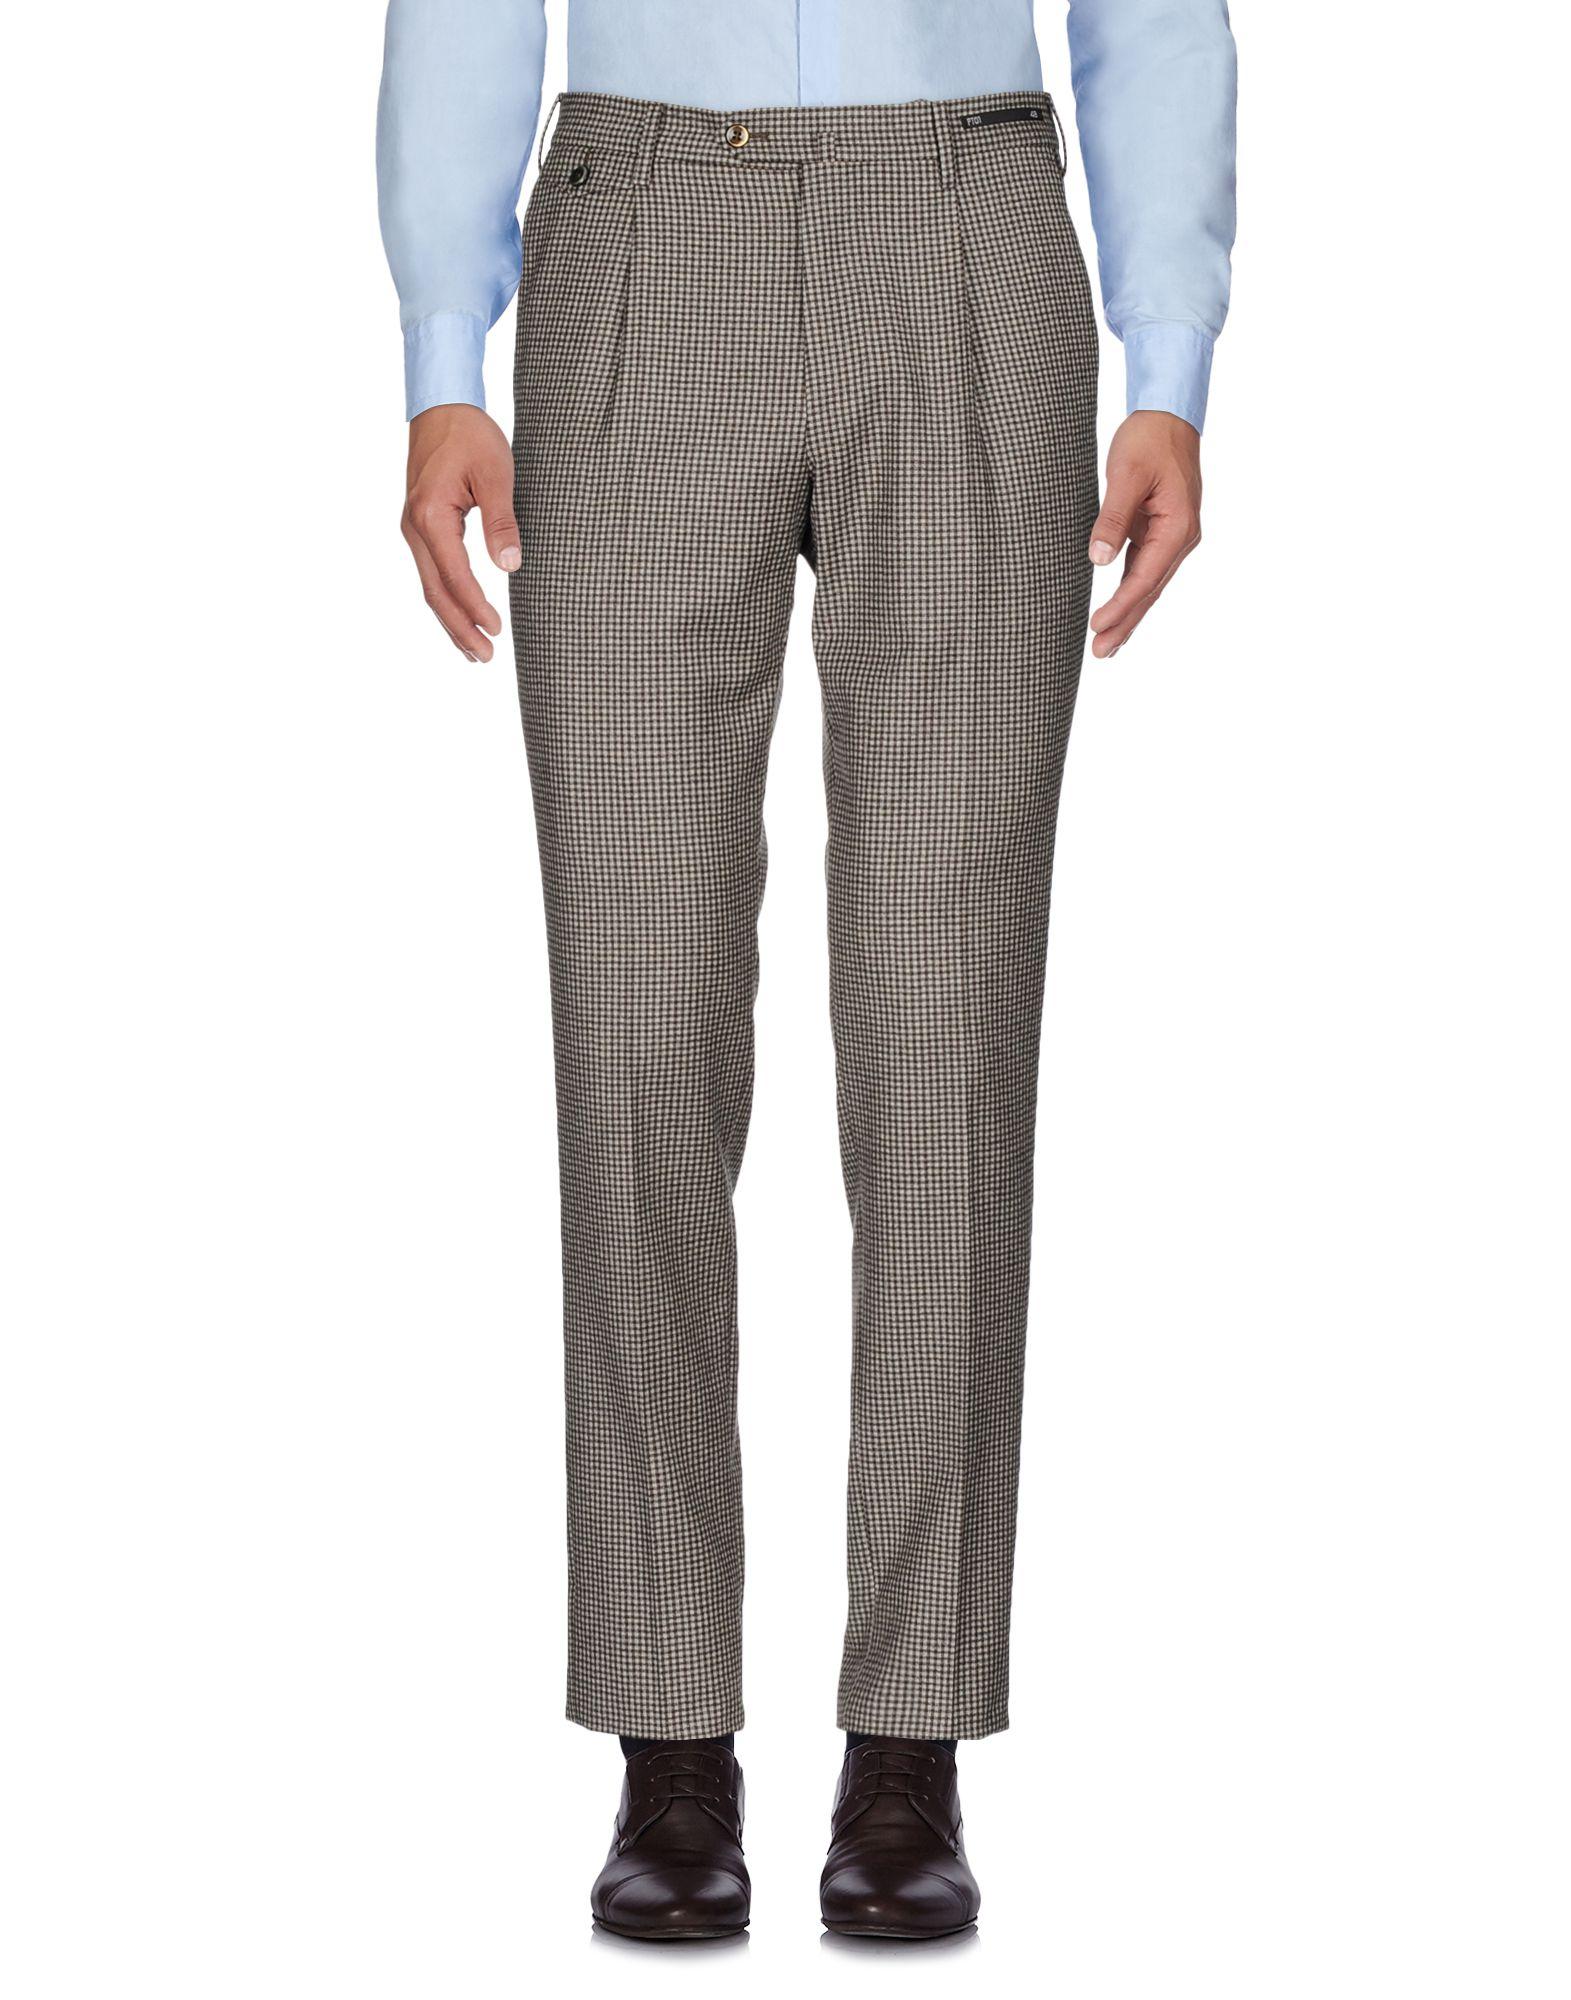 《送料無料》PT01 メンズ パンツ ダークブラウン 50 スーパー110 ウール 100%